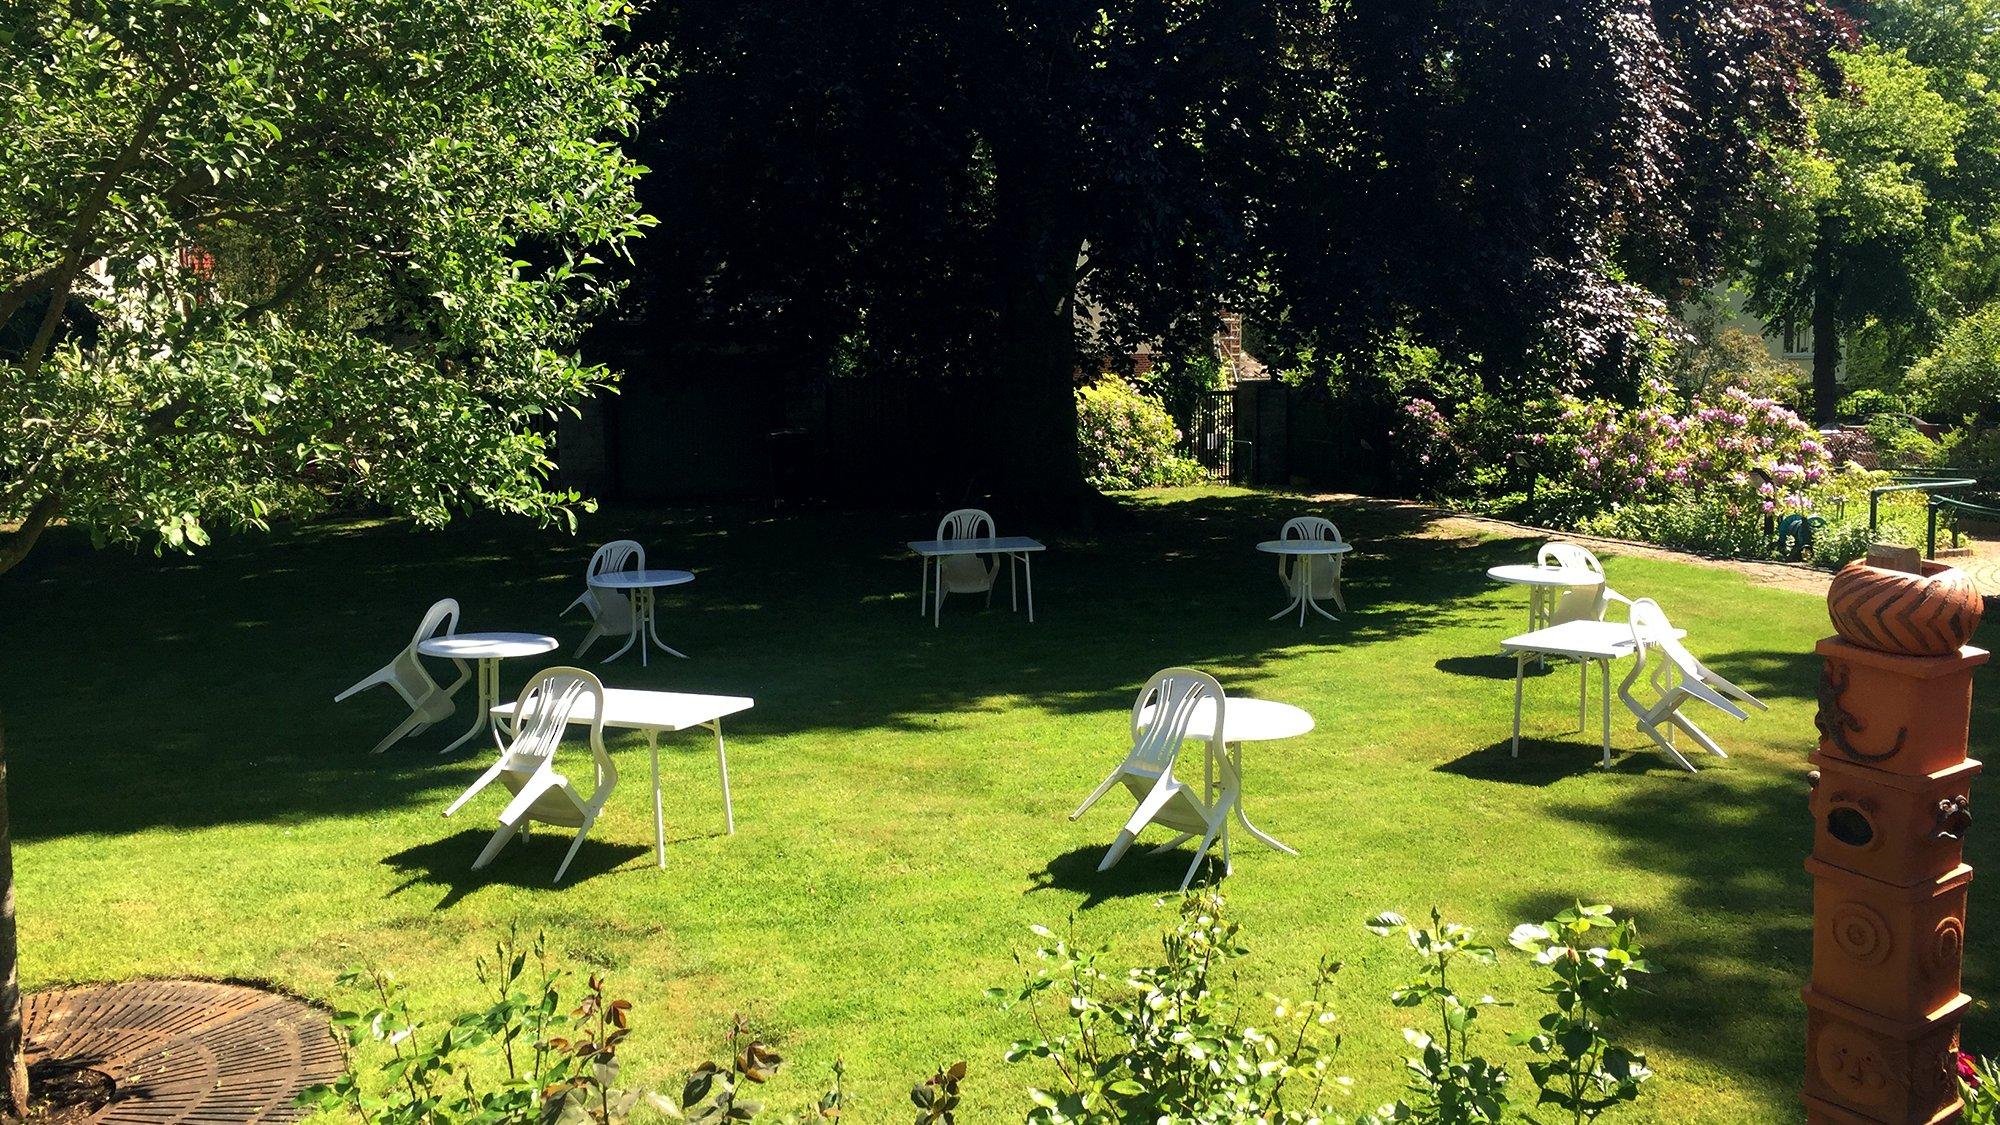 Blick in den Garten der Villa Donnersmarck: acht Tische und Stühle im Kreis mit viel Abstand gestellt auf dem Rasen